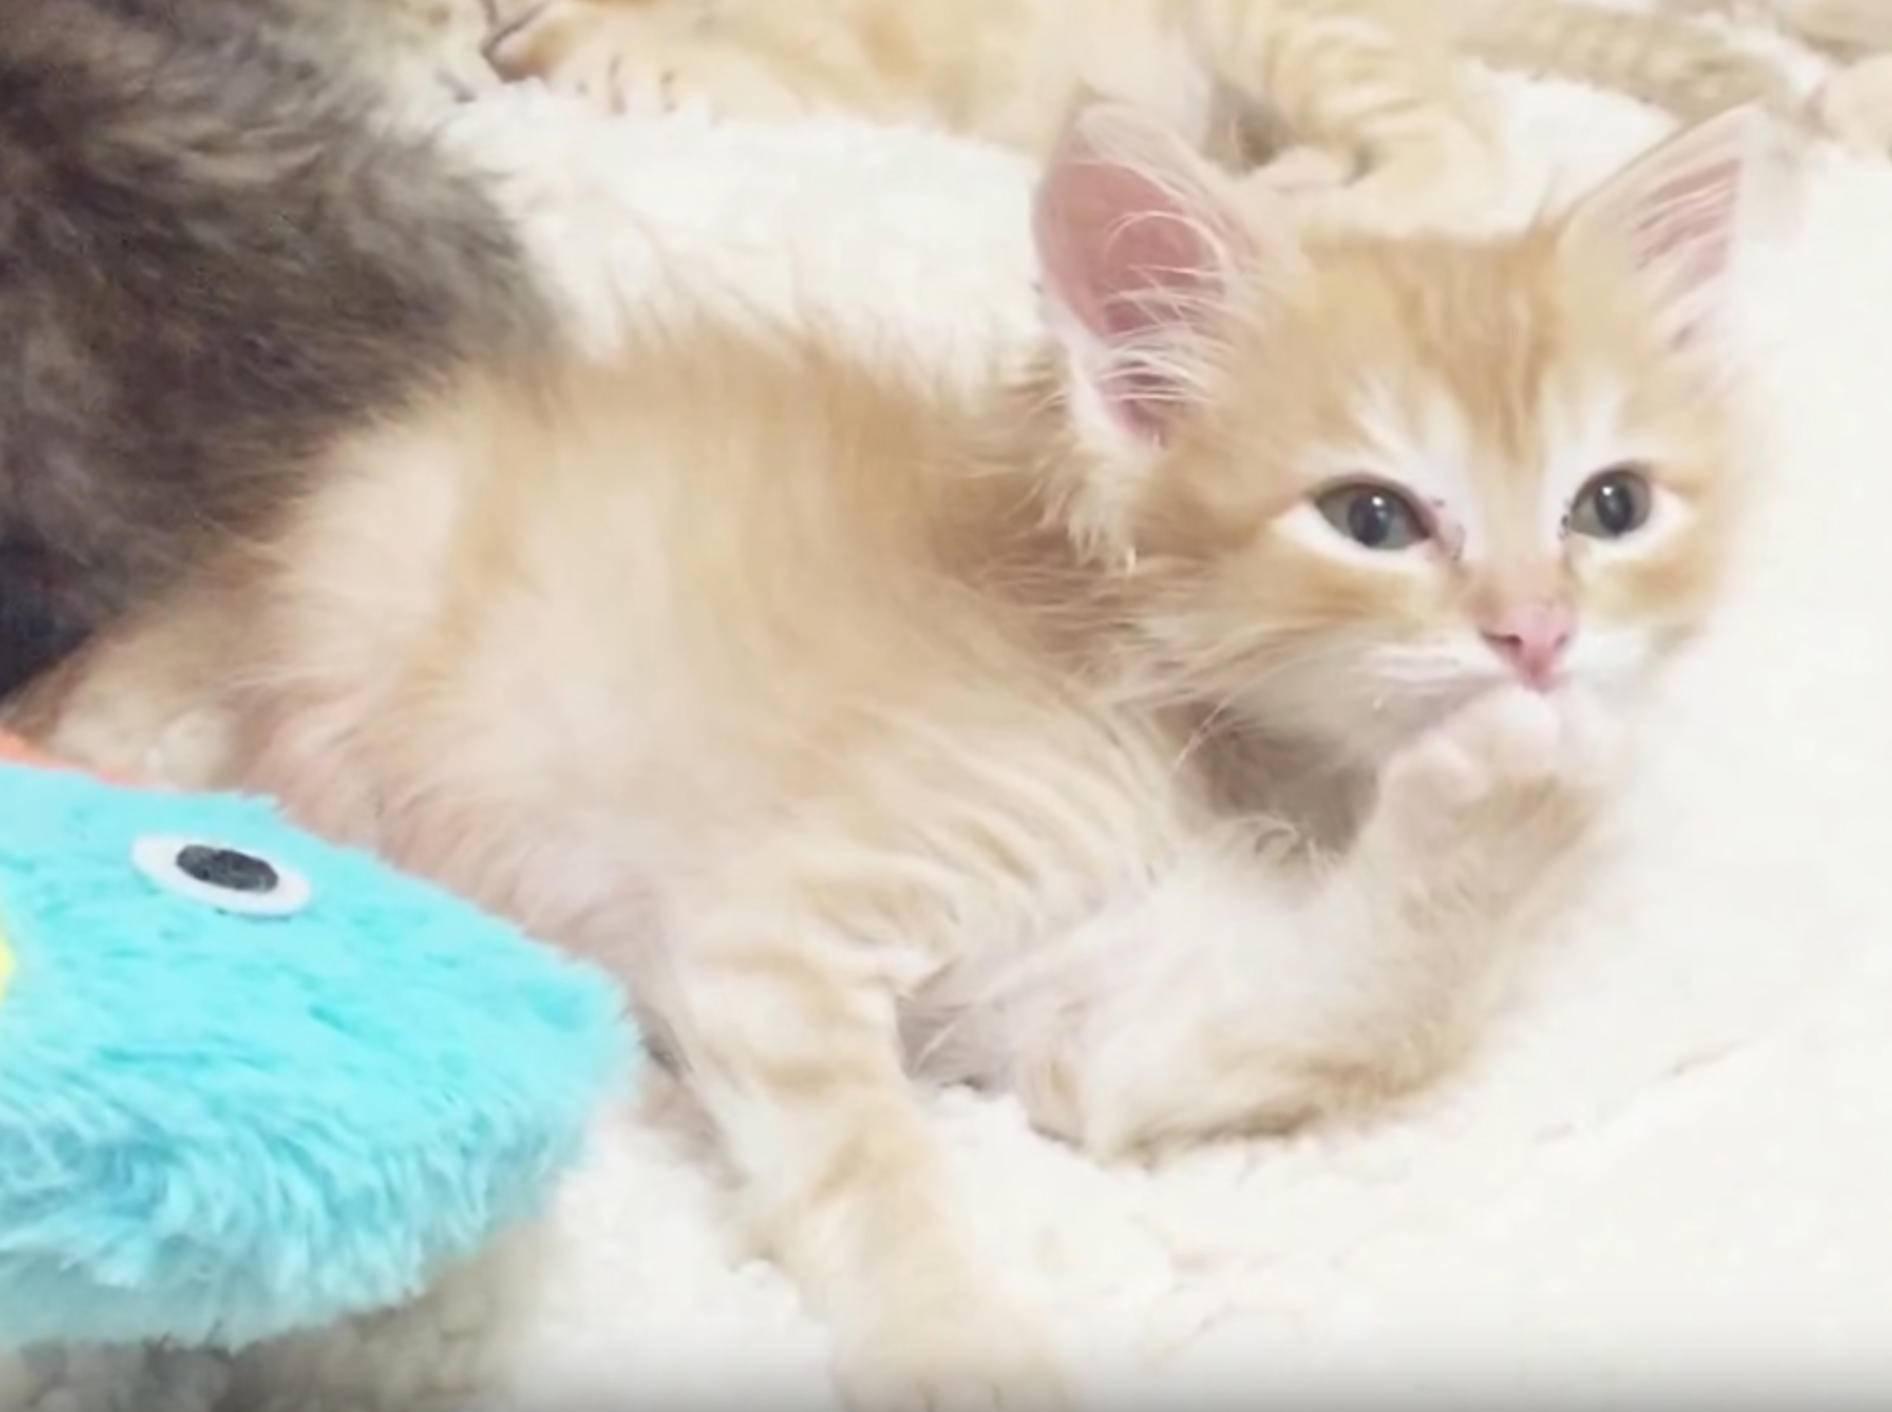 Rotes Tigerkätzchen Boris putzt sich und schnurrt – YouTube / foster kittens